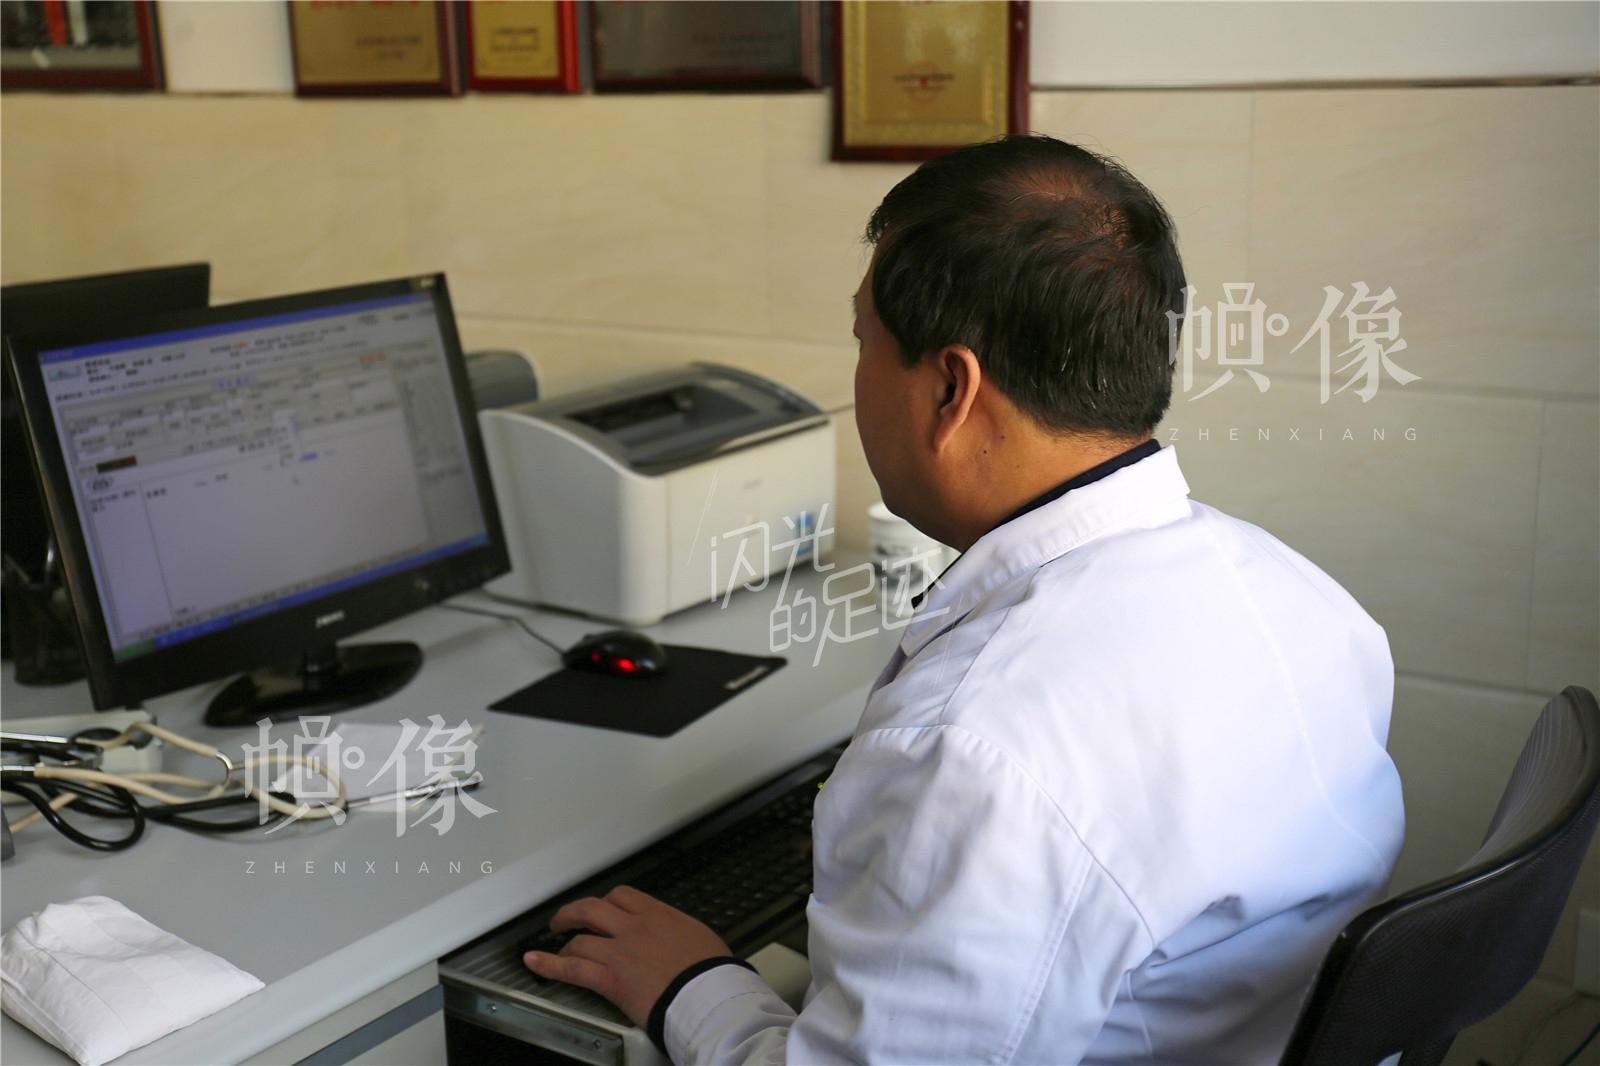 每天坐诊是王金海雷打不动的工作内容,仅2016年来到王金海中医门诊就医的人数超过3万人。中国网记者 黄富友 摄